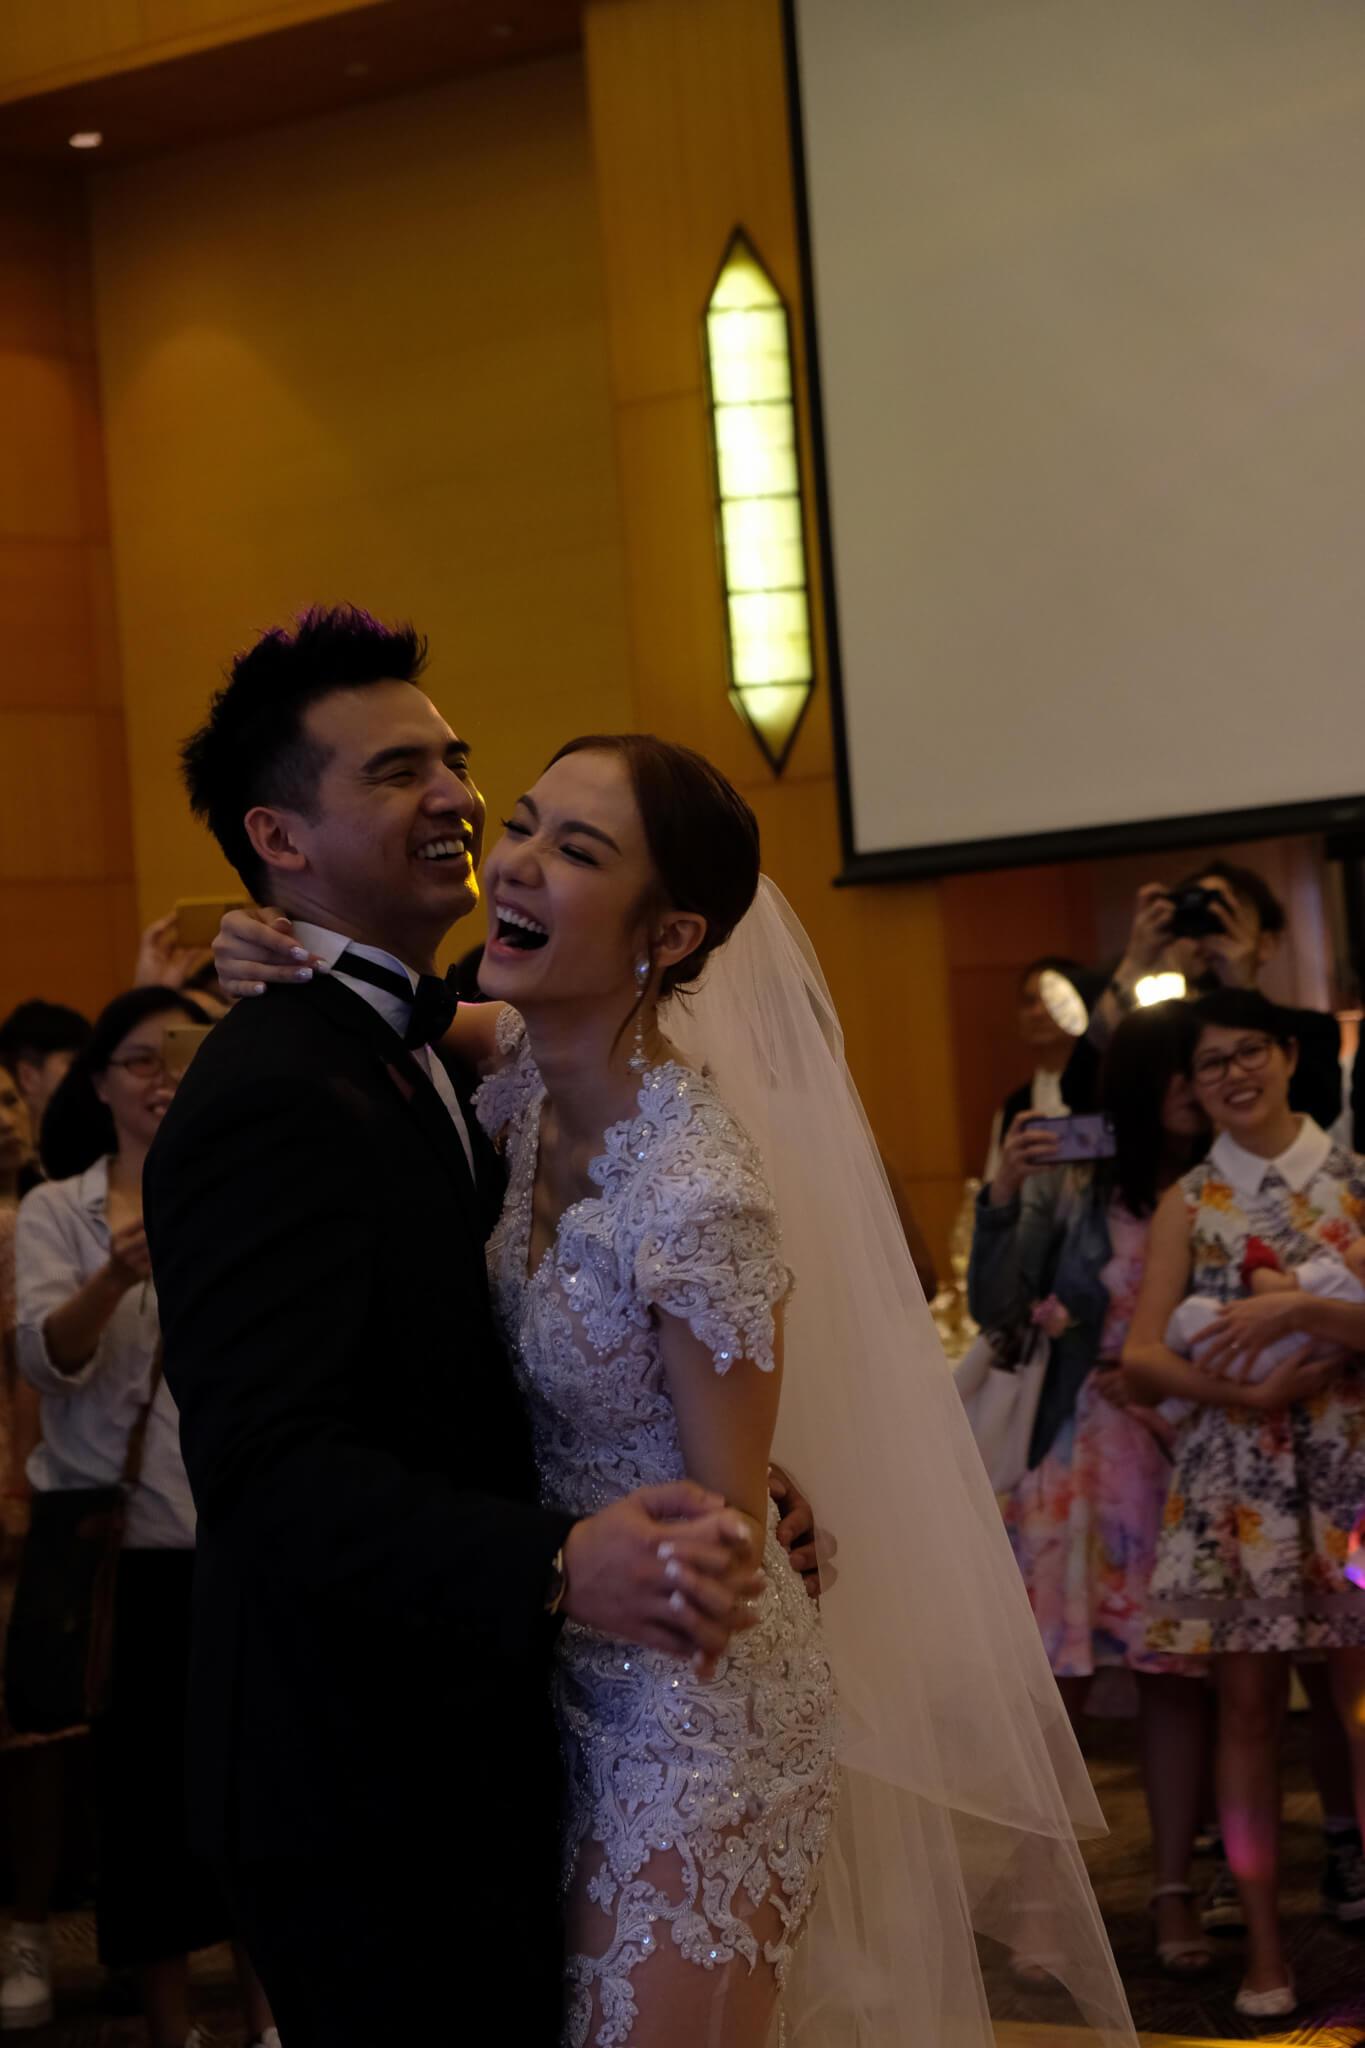 2016年11月16日,王君馨與拍拖11年、比自己年輕10天的圈外男友Daniel Chang入紙申請註冊結婚,之後在翌年的相識紀念日7月11日假「美國會」設宴擺酒。